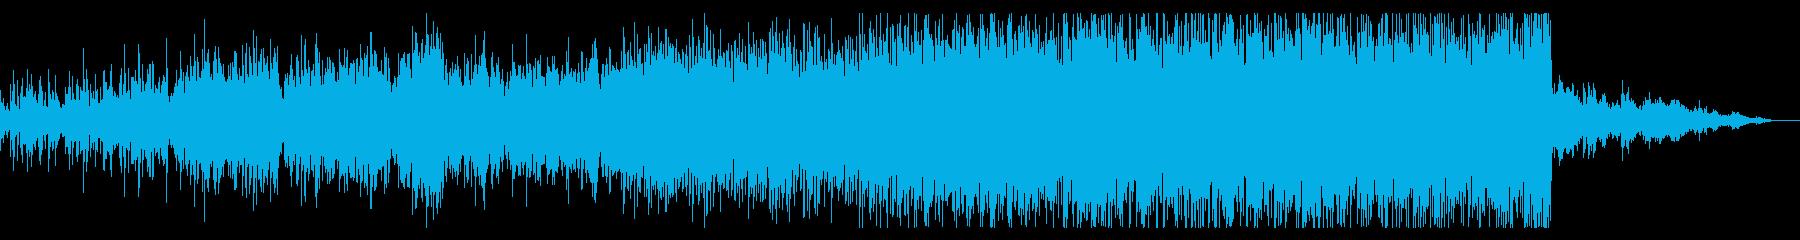 サスペンシブなシンセBGMの再生済みの波形